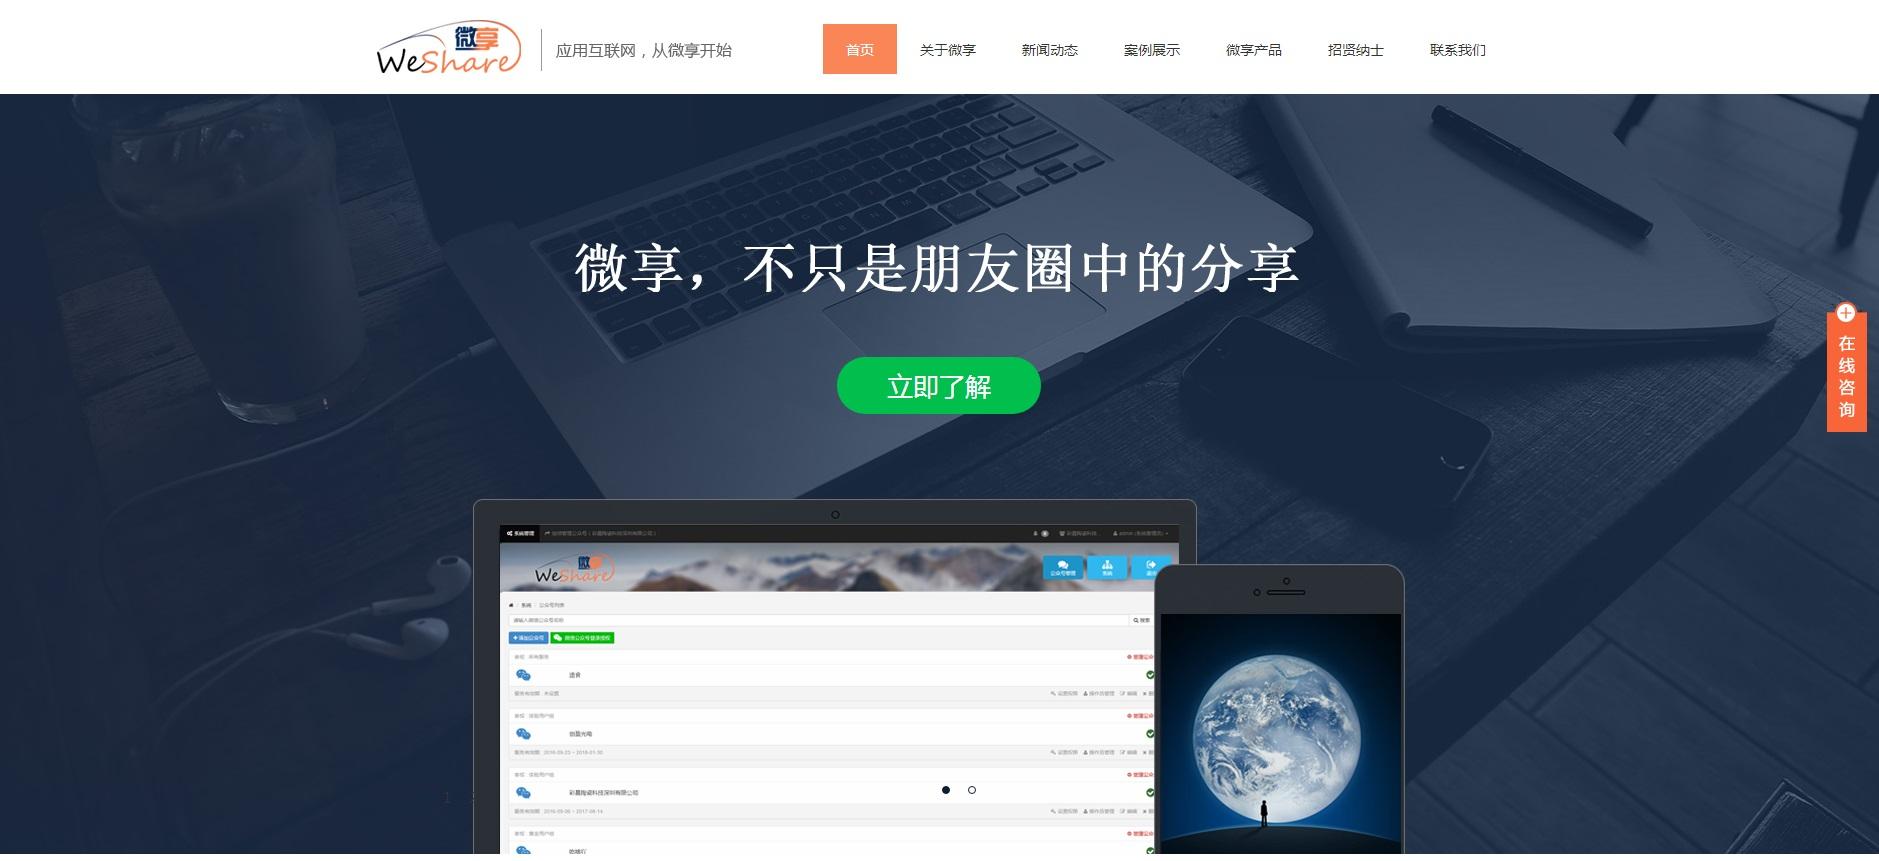 大气响应式微享微信公众服务平台网站模板